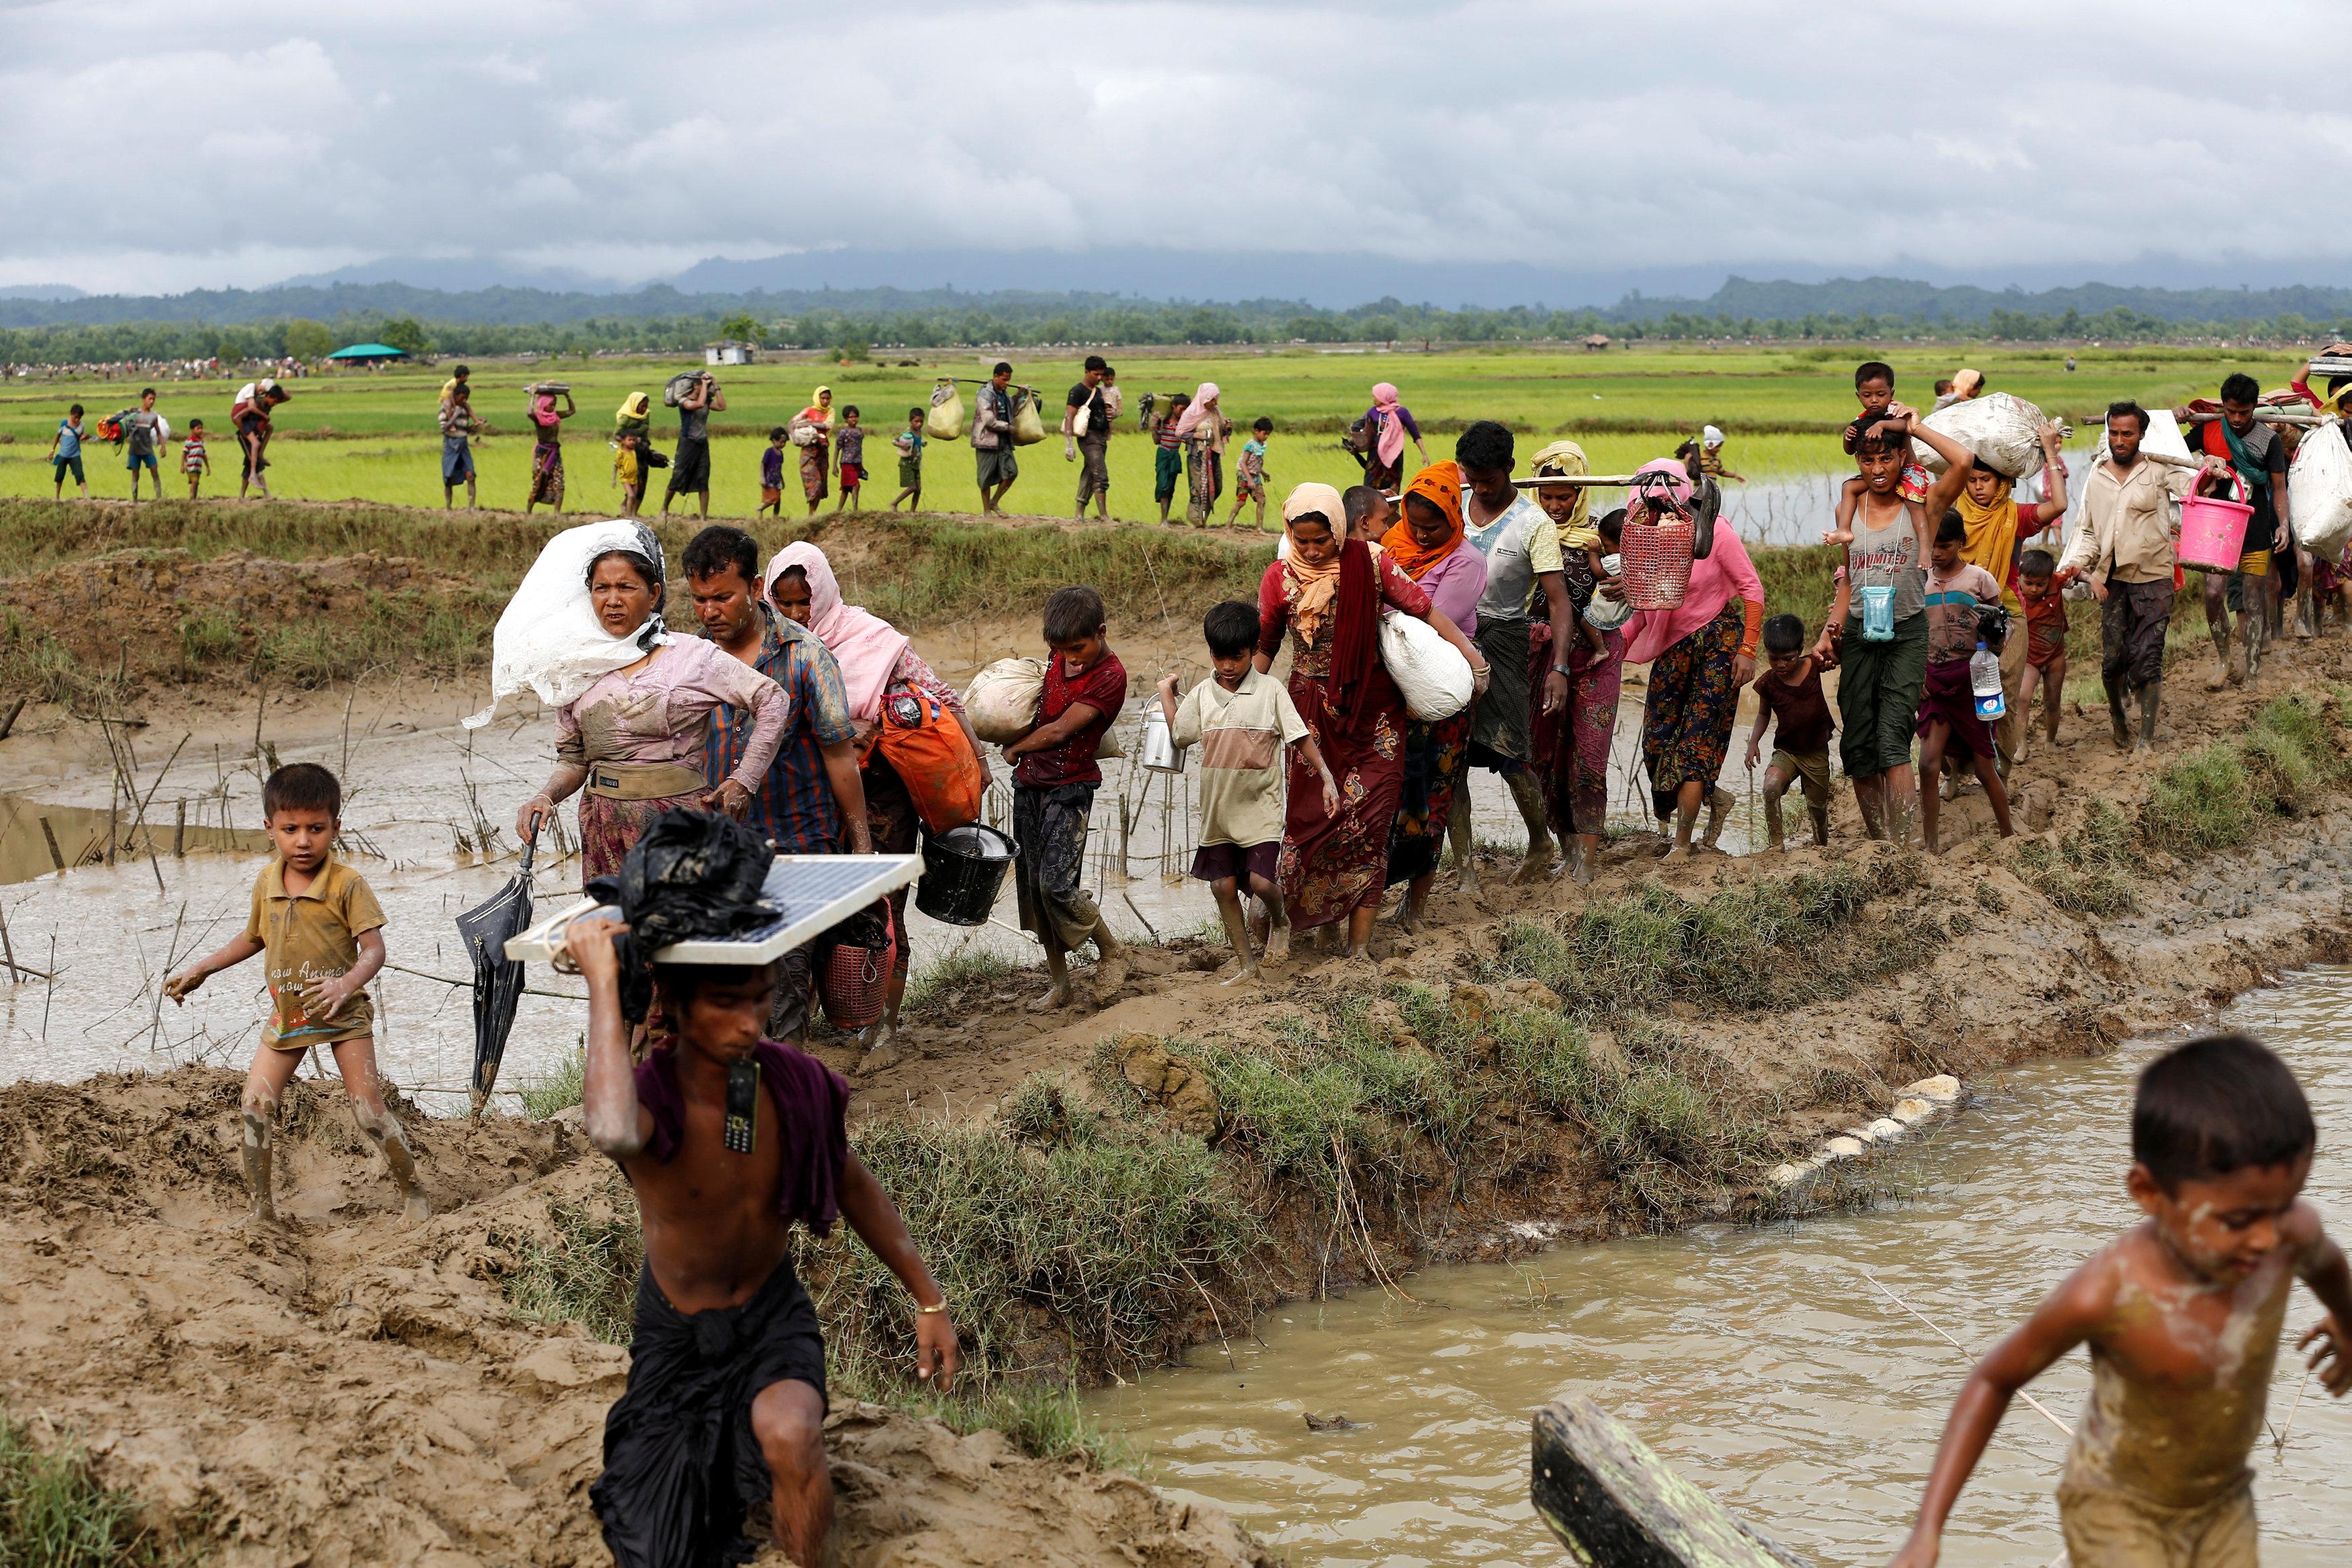 المفوضية السامية لحقوق الإنسان ترحب بقرار محكمة العدل الدولية حول ميانمار